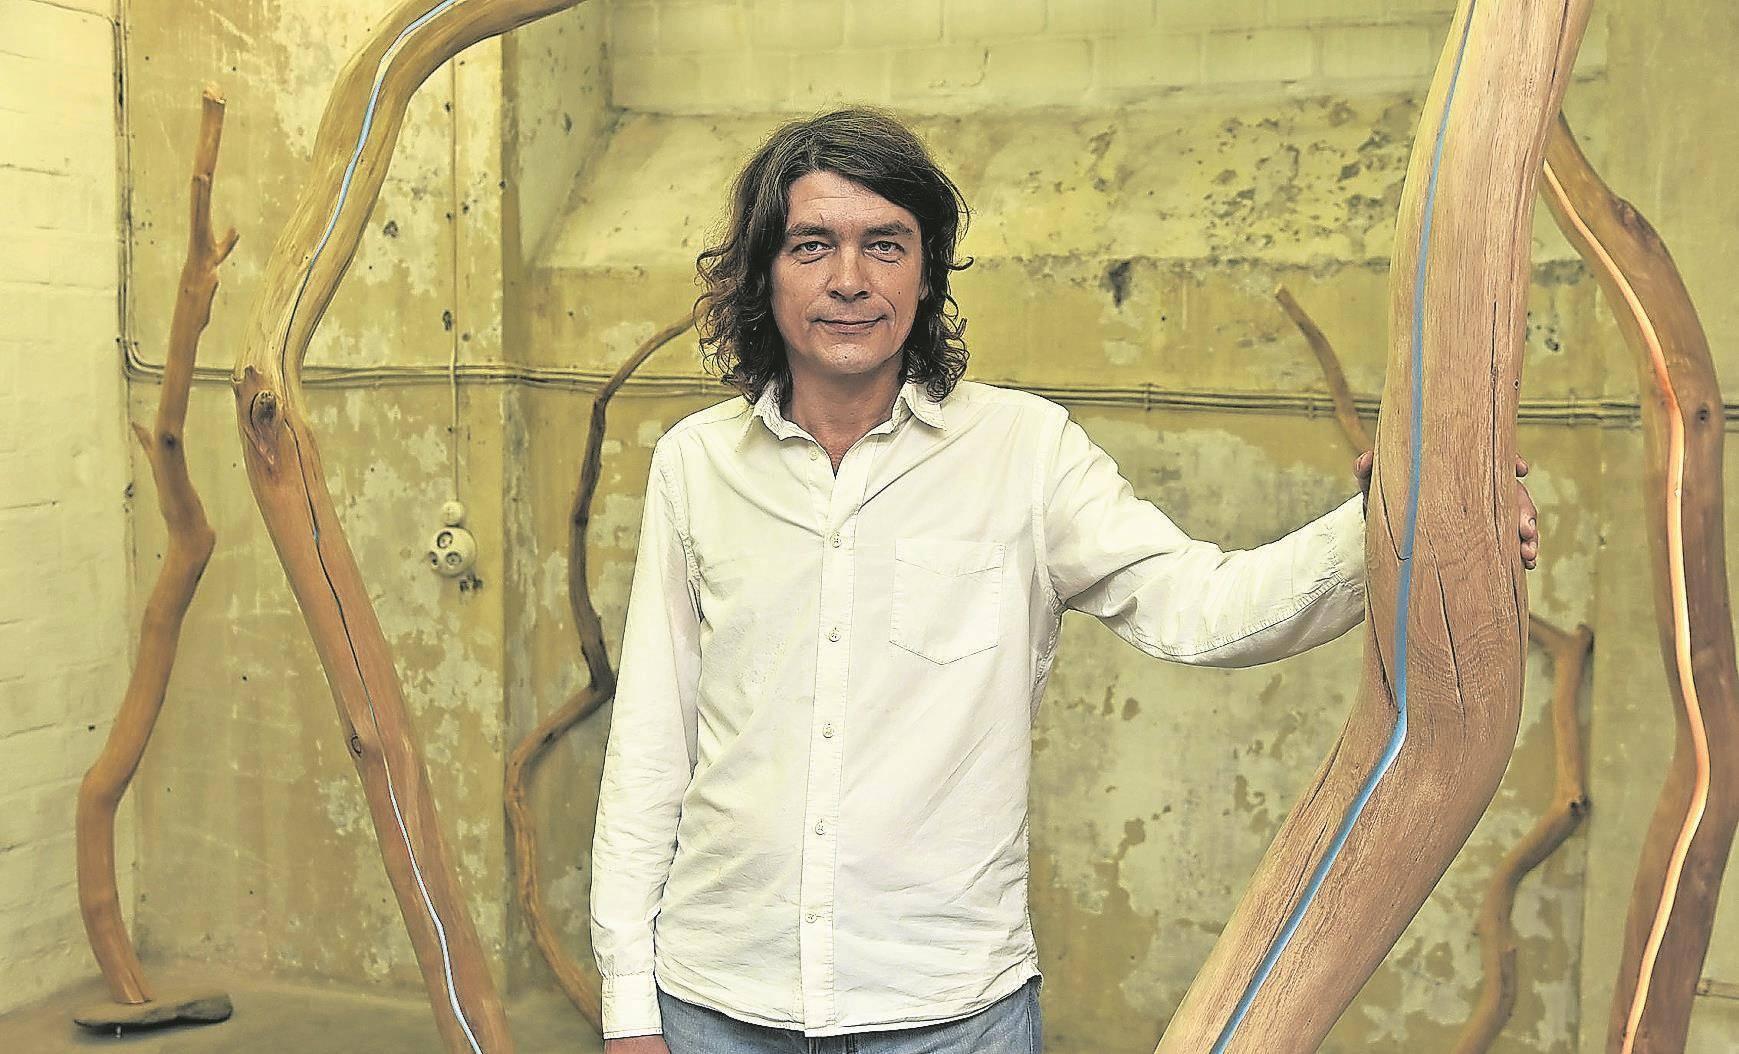 Im Keller bumst der Handwerker die deutsche Fotze